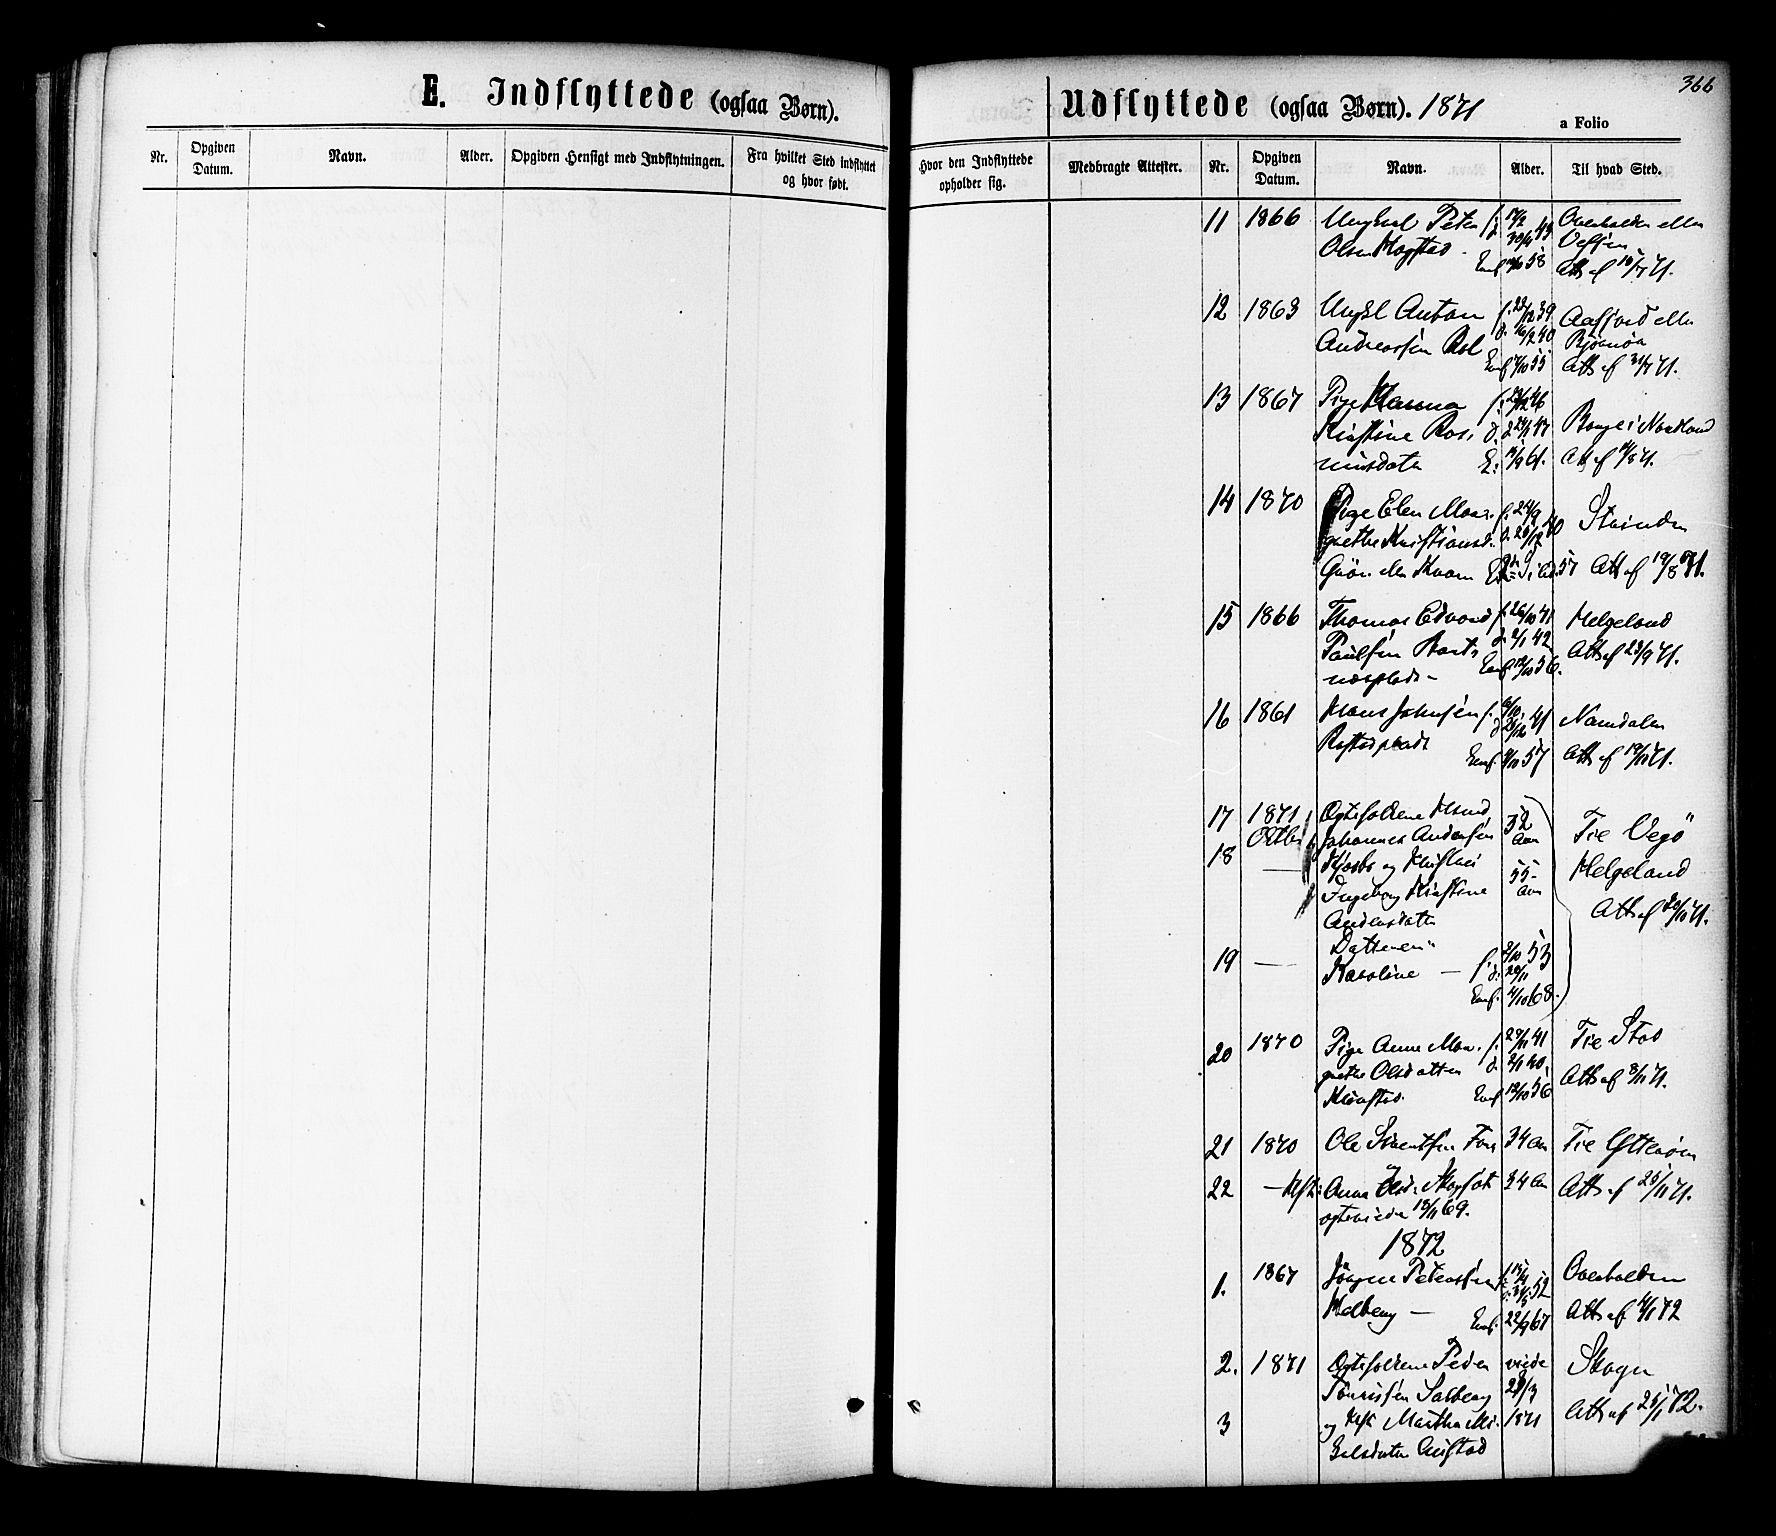 SAT, Ministerialprotokoller, klokkerbøker og fødselsregistre - Nord-Trøndelag, 730/L0284: Ministerialbok nr. 730A09, 1866-1878, s. 366